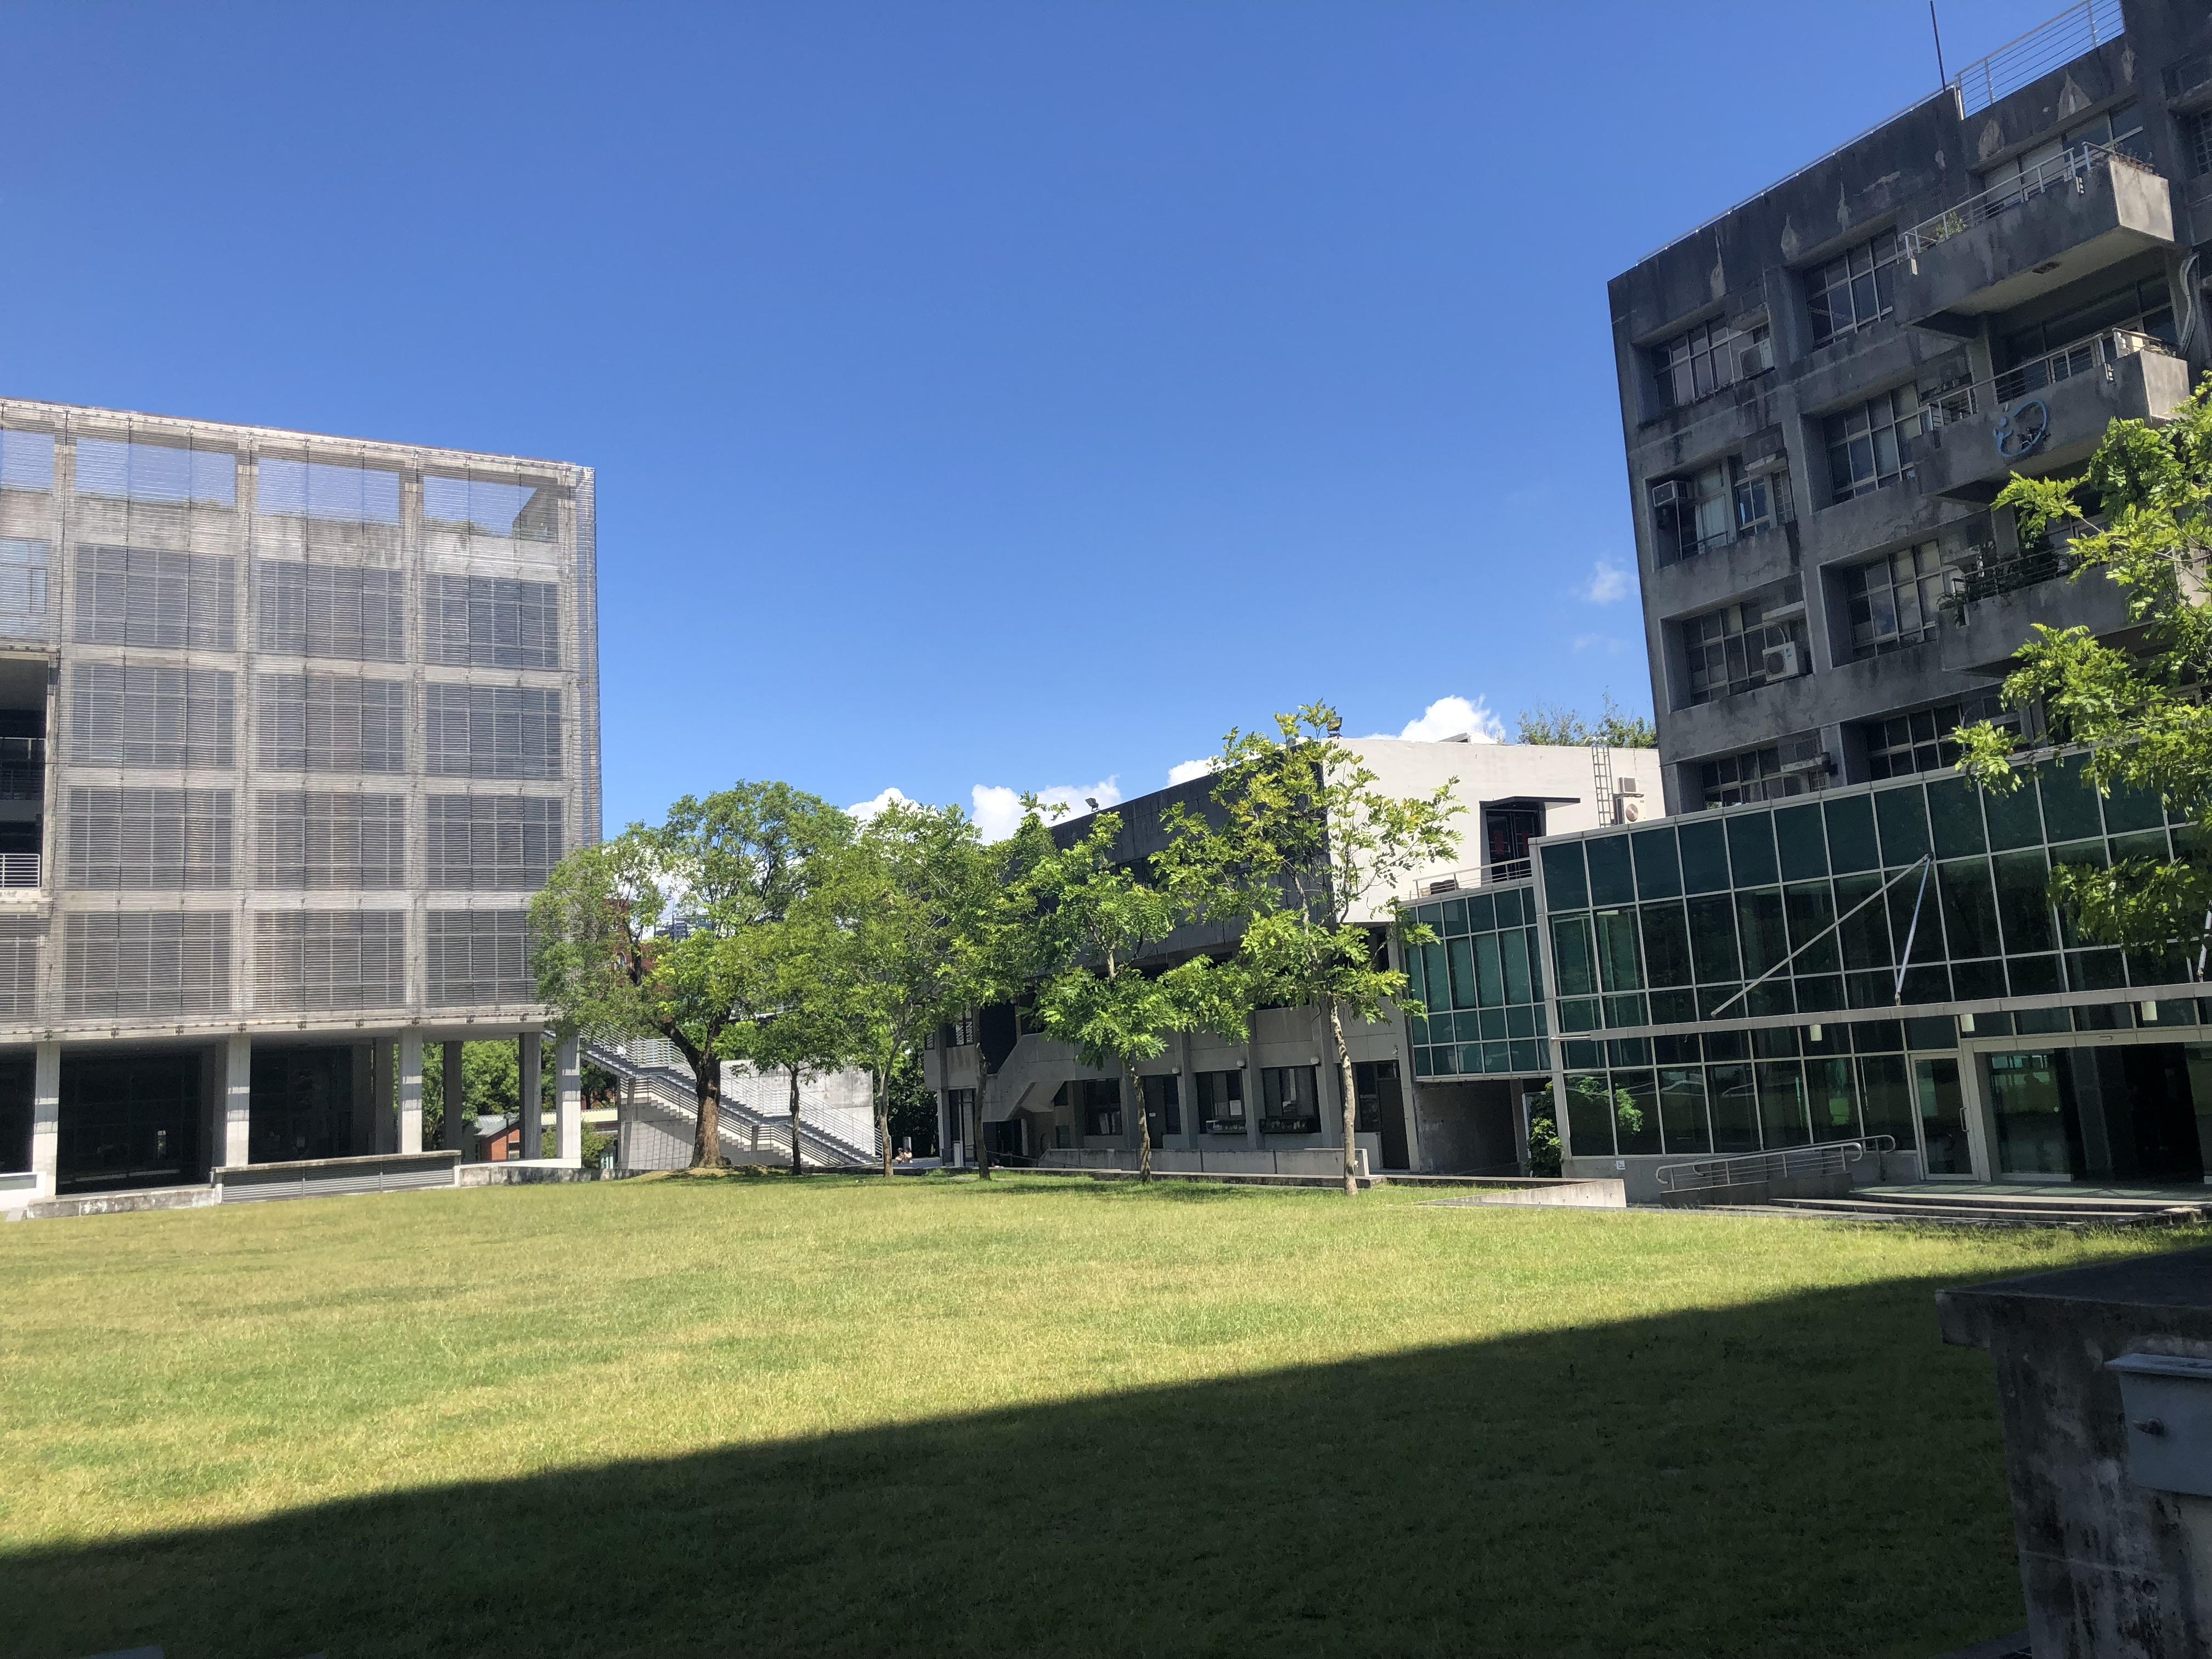 台北市中心部でこんなに広々した大学はここだけかもしれません。